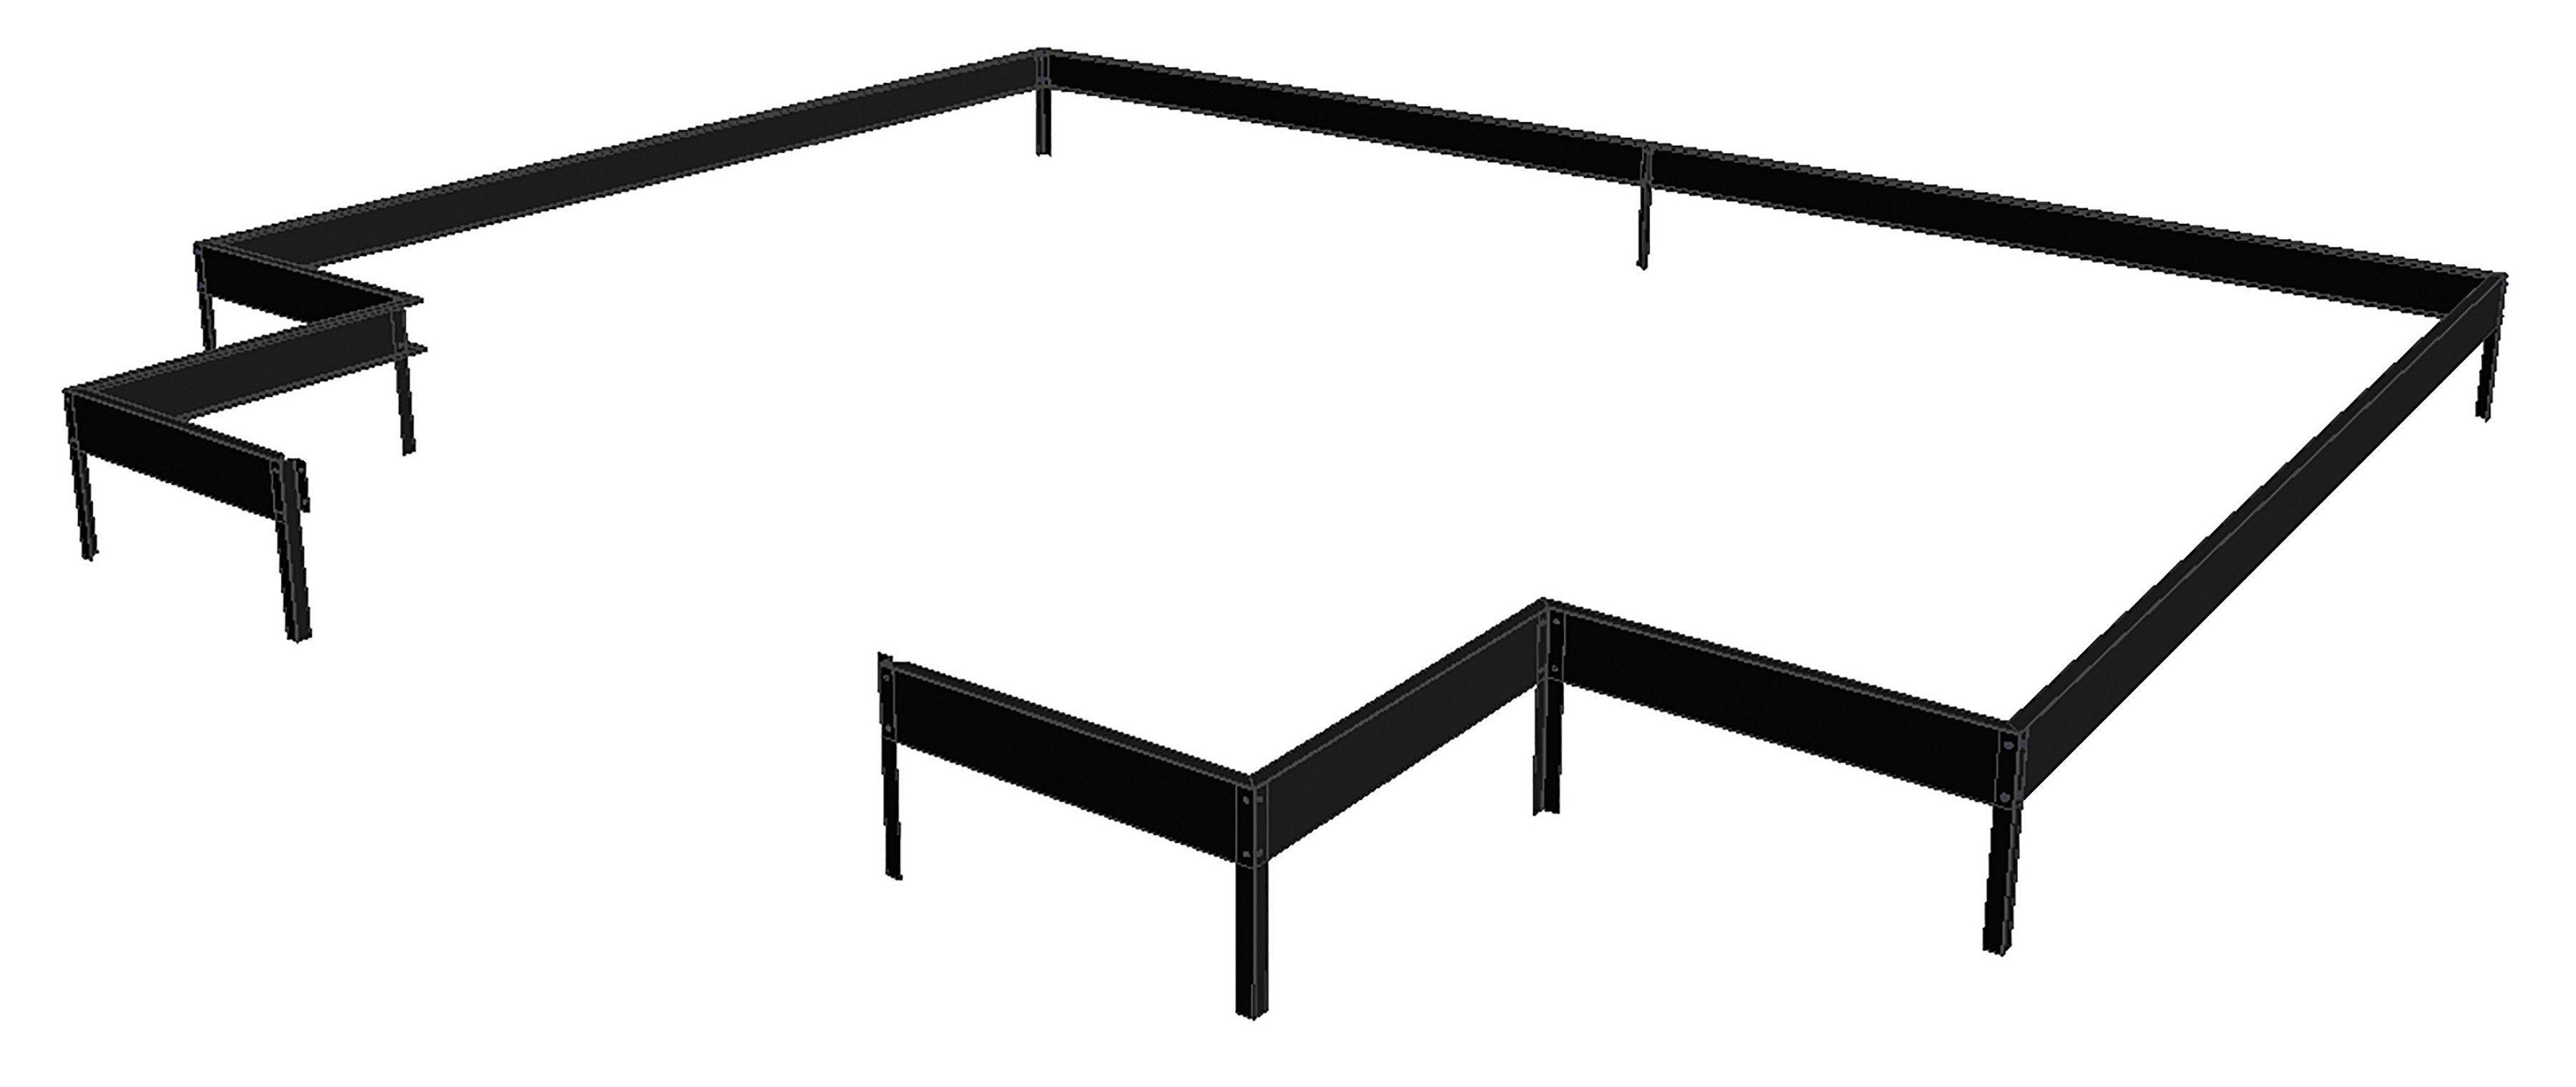 JULIANA Fundamentrahmen »Orangerie«, BxL: 439x296 cm, schwarz